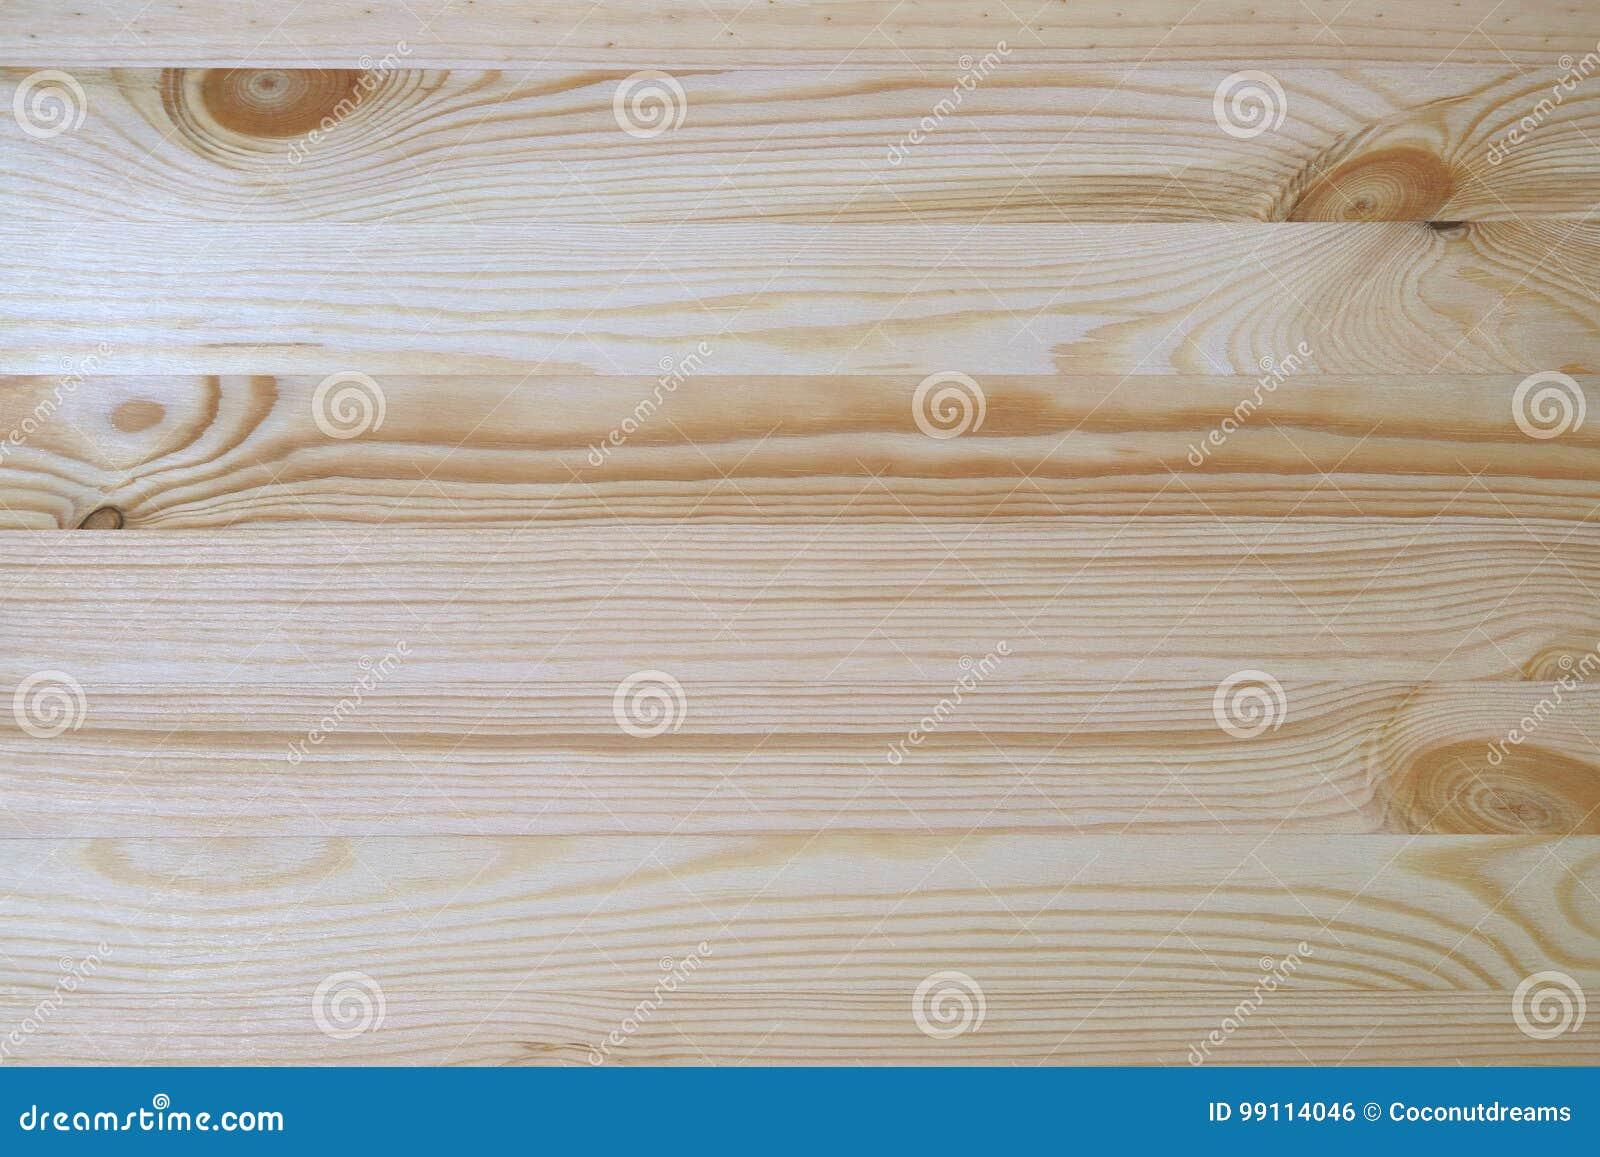 Legno Naturale Chiaro : Plancia di legno naturale marrone chiaro con il bello modello